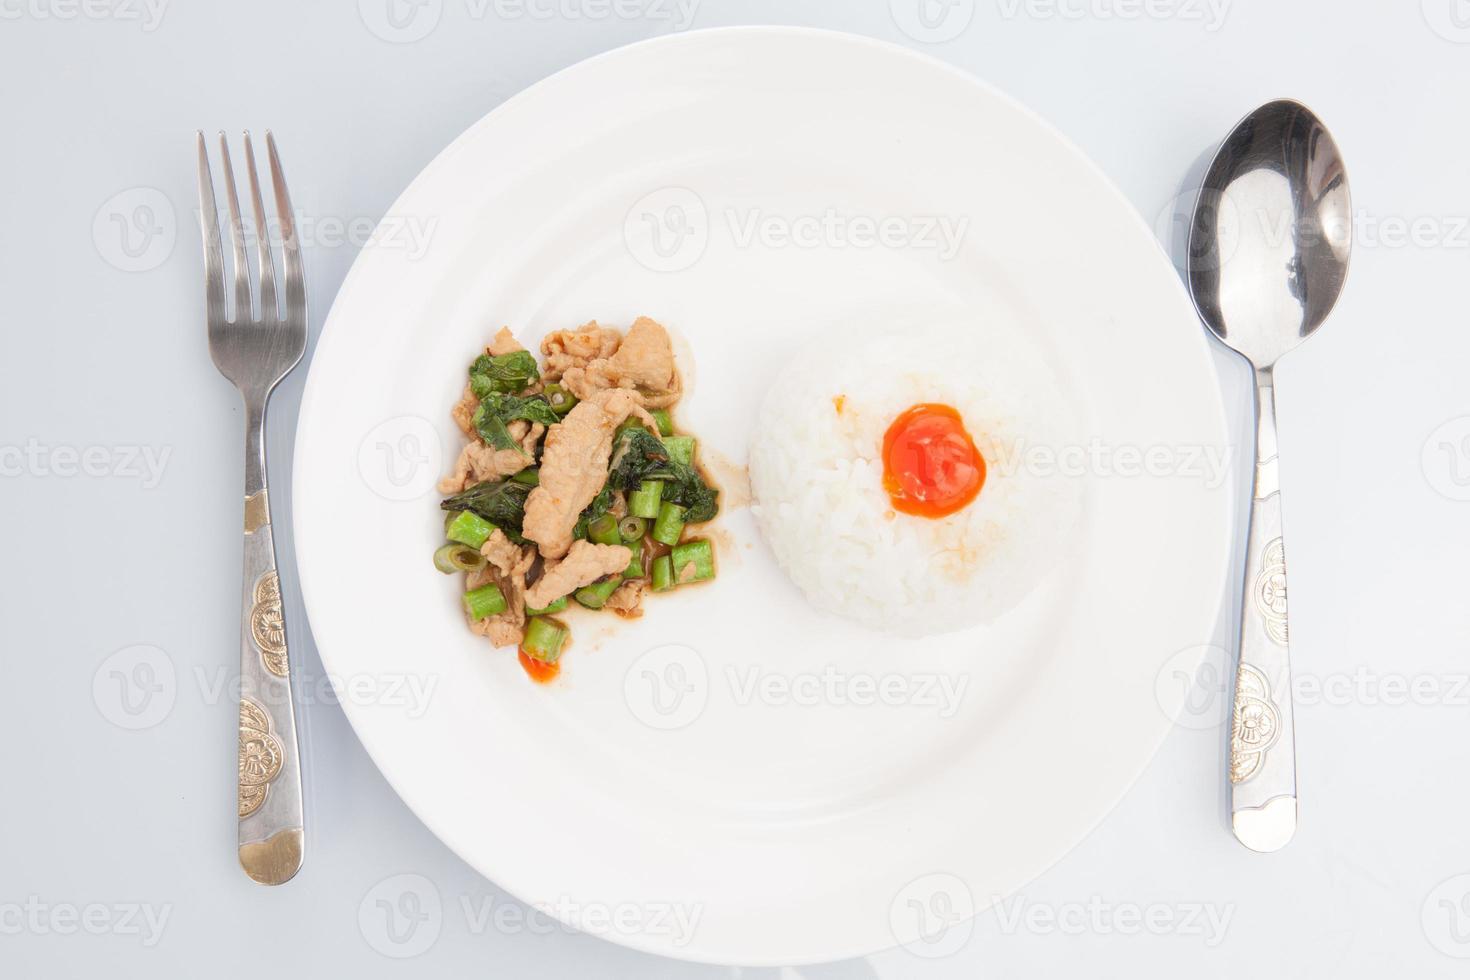 """comida tailandesa, """"kapao moo"""" (cocina tailandesa) foto"""